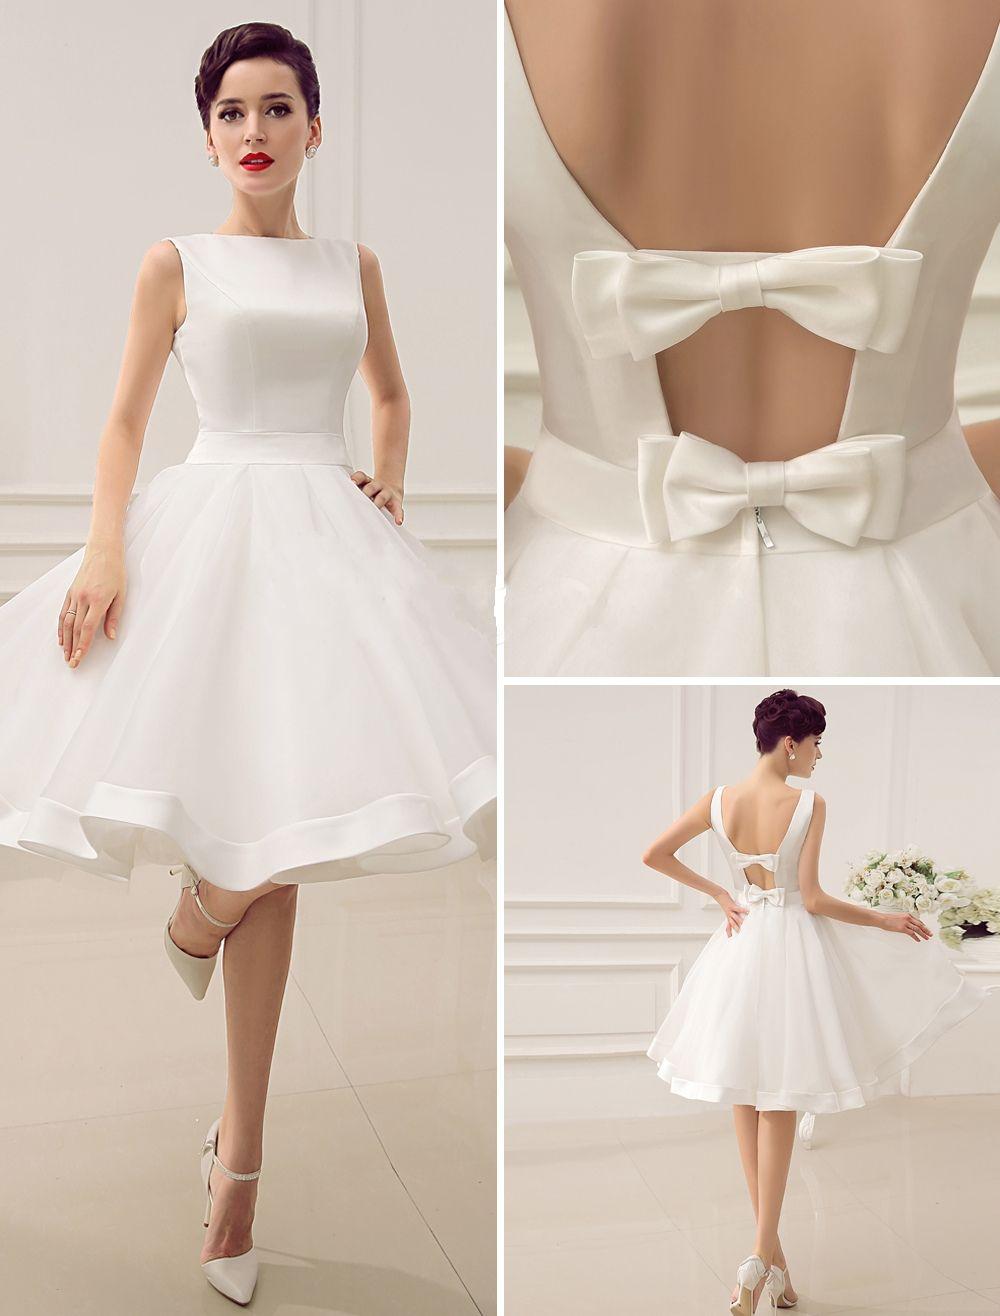 2015 Short Wedding Dresses Vintage Bateau Neckline Deep V Back ...